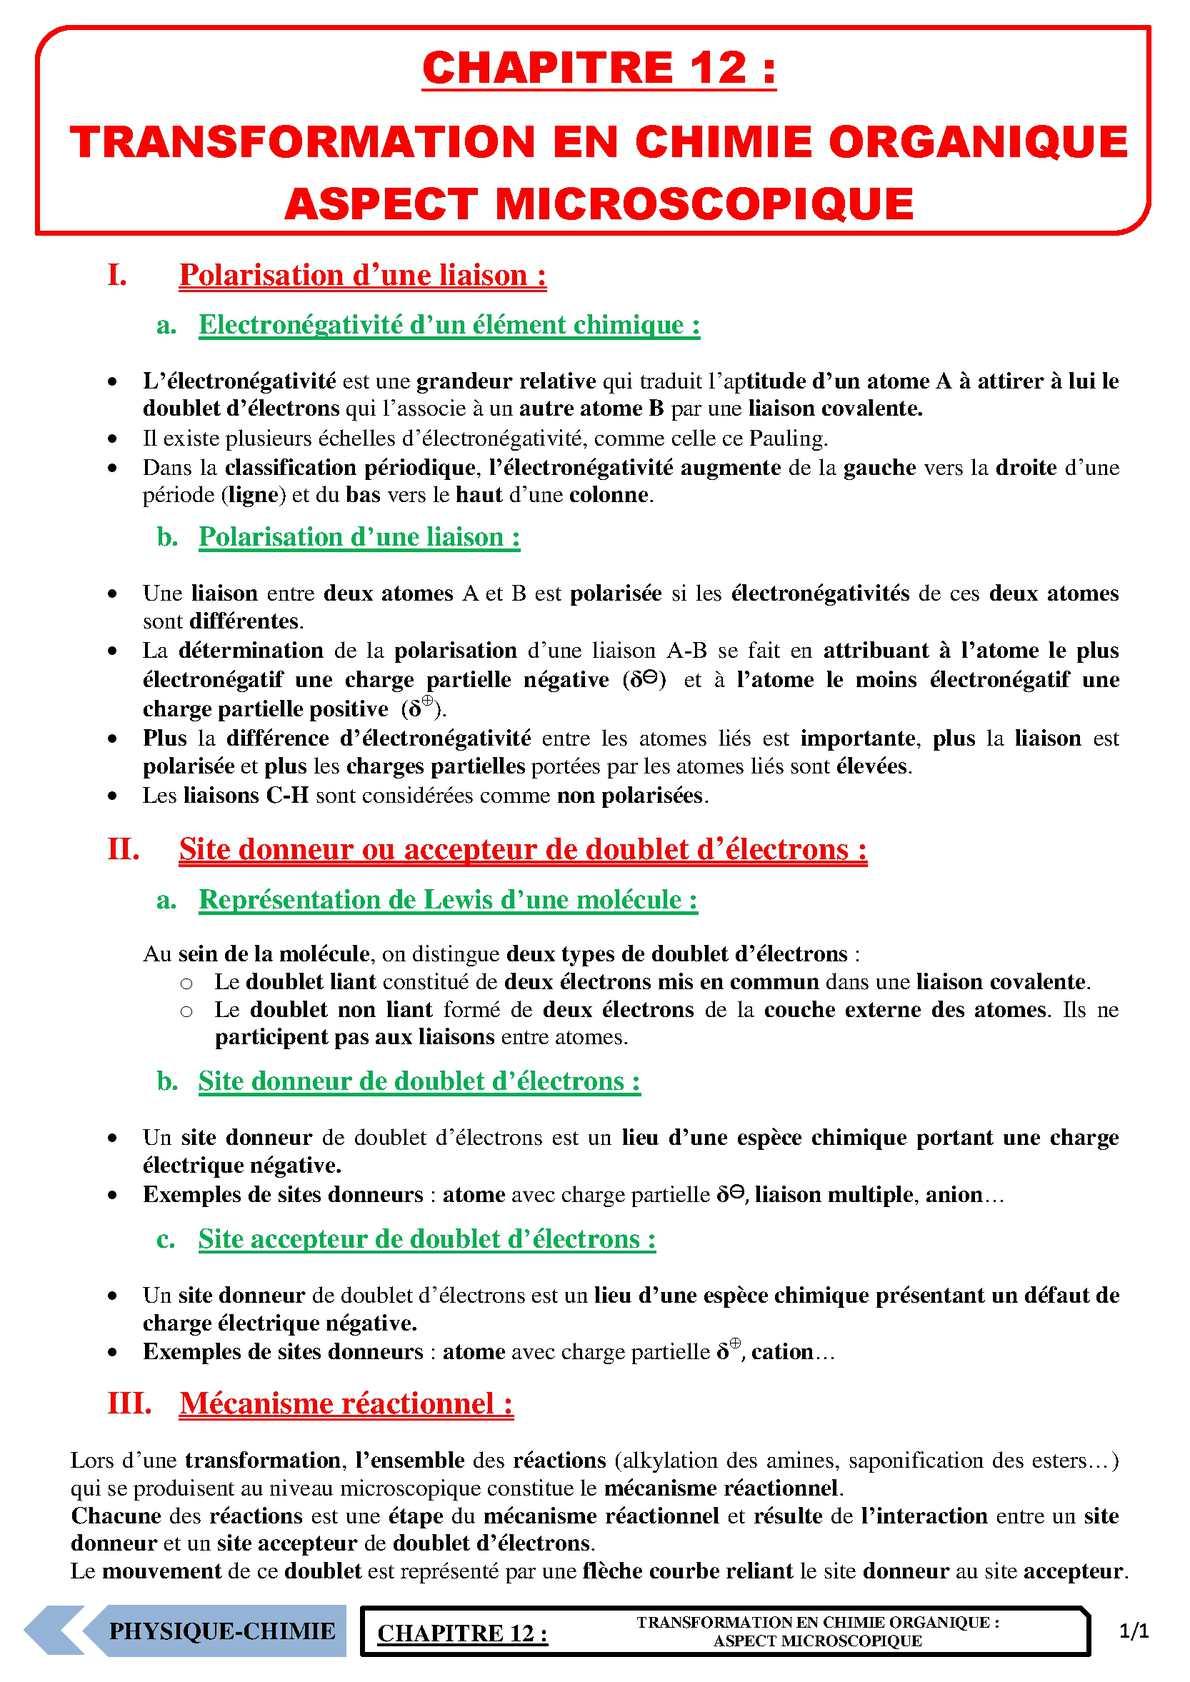 TS - PHYSIQUE/CHIMIE – Chapitre 12 | JéSky.fr